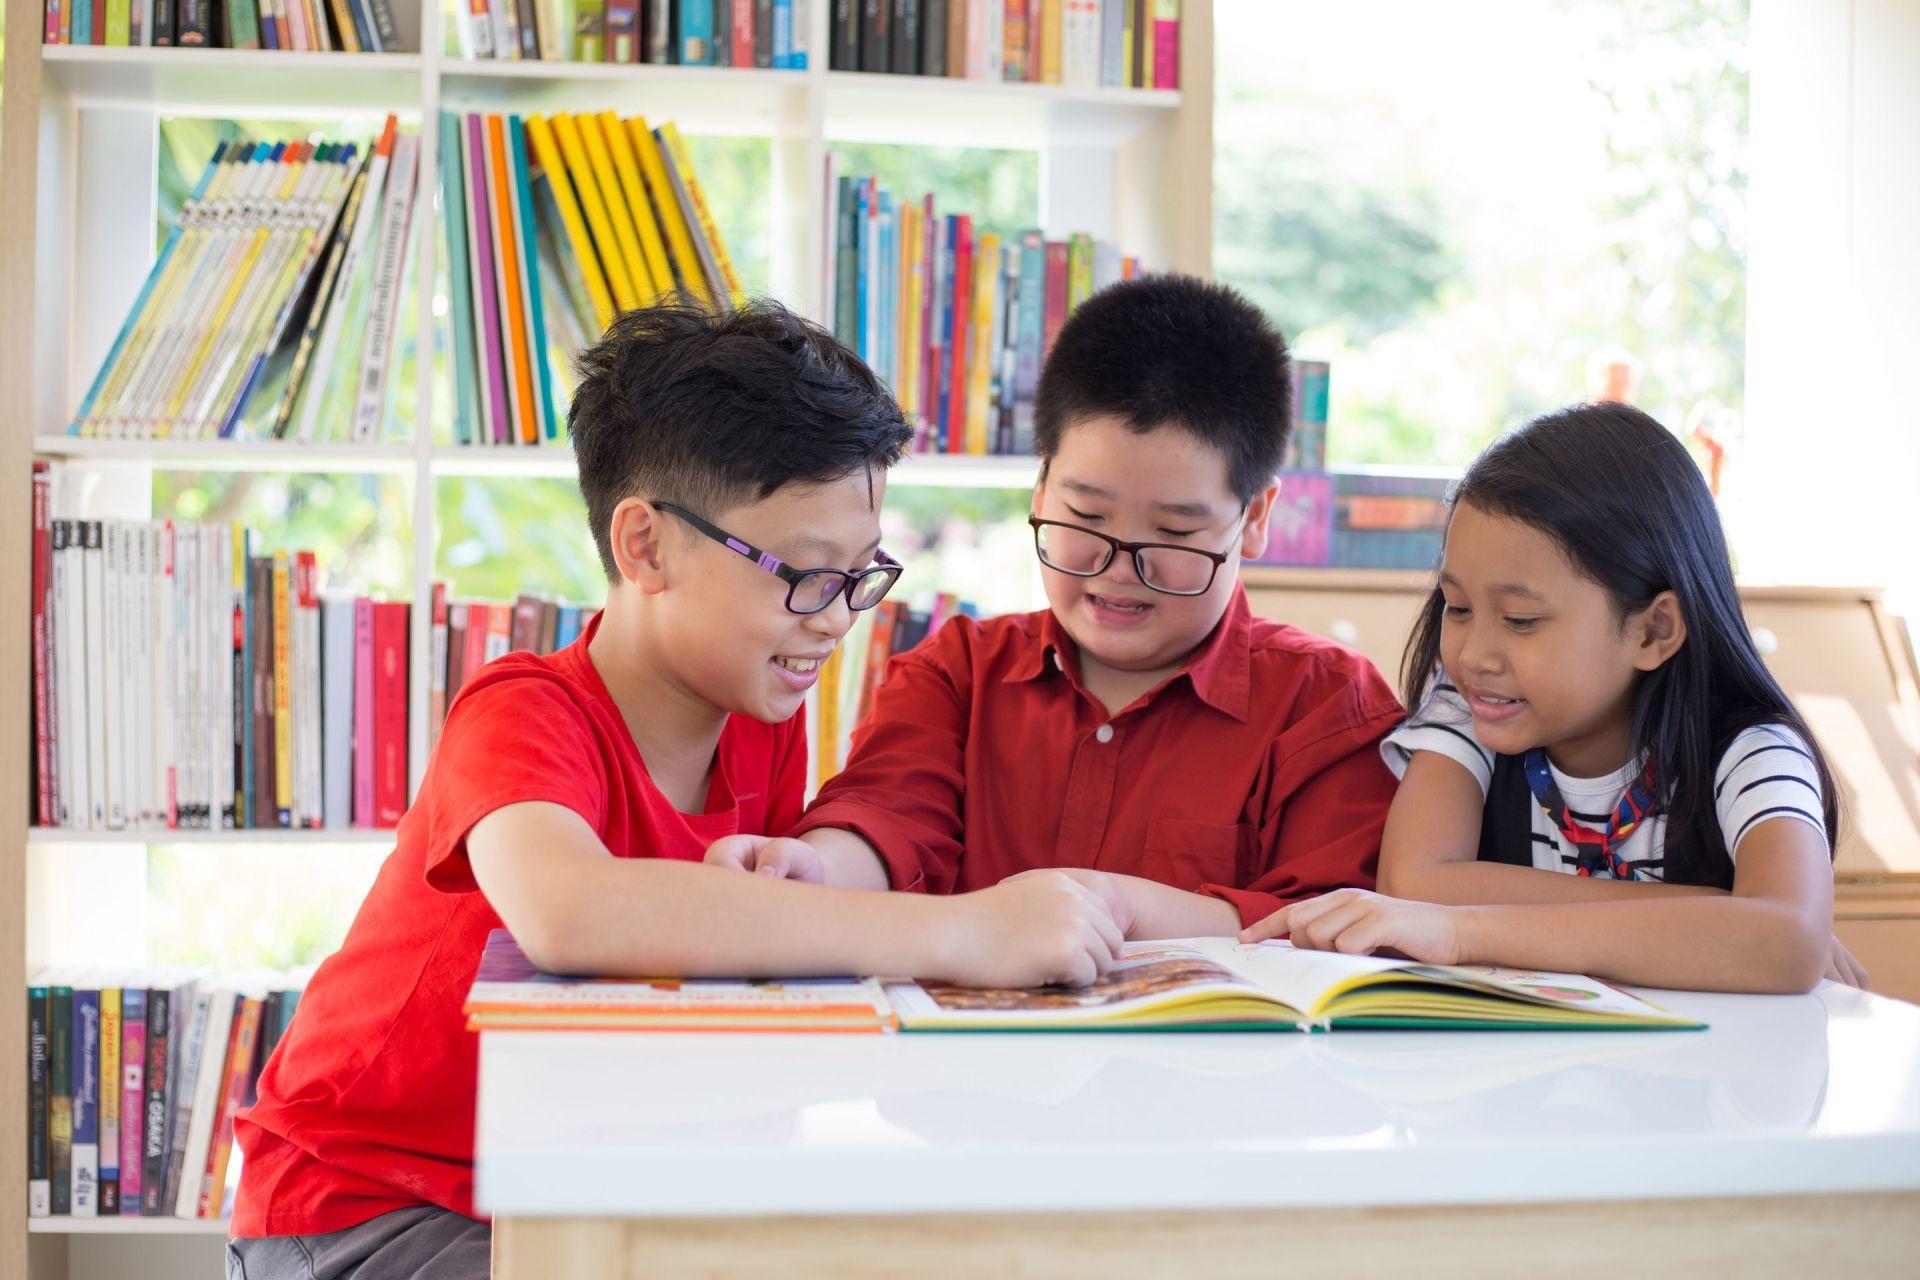 Theo Dự thảo Thông tư Điều lệ trường tiểu học, học sinh tiểu học có thể học vượt lớp nếu có thể lực tốt, phát triển sớm về trí tuệ.